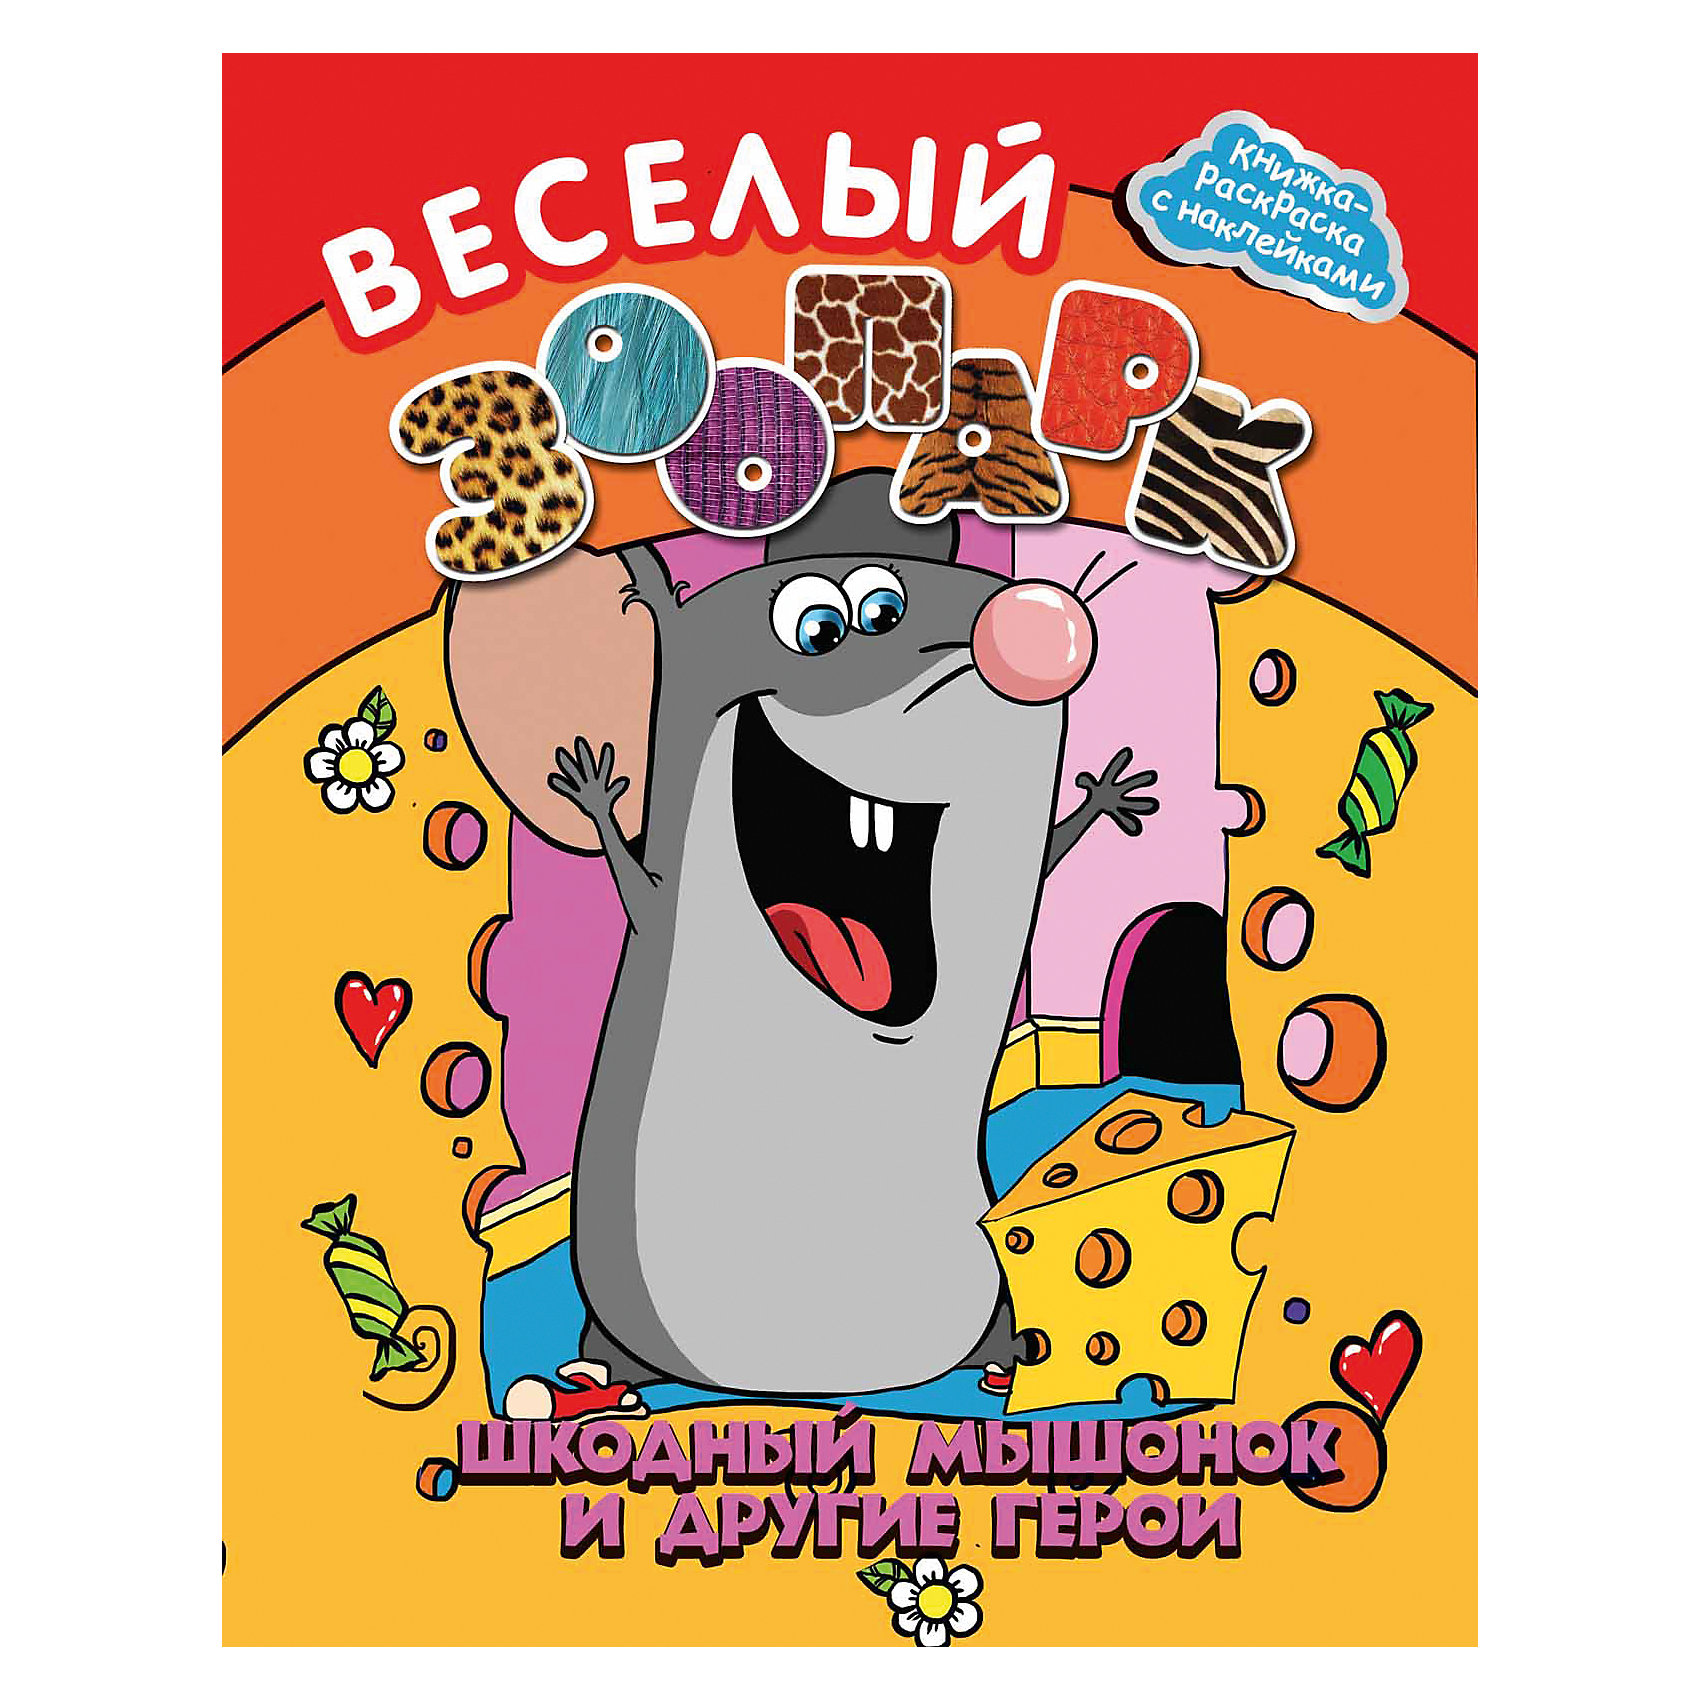 Веселый зоопарк Шкодный мышонок и другие героиРаскраски по номерам<br>Характеристики товара: <br><br>• ISBN: 978-5-222-22622-3; <br>• возраст: от 3 лет;<br>• формат: 84*108/16; <br>• бумага: мелованная; <br>• иллюстрации: цветные; <br>• серия: Нескучные раскраски;<br>• издательство: Феникс; <br>• редактор: Соснина Наталья;<br>• количество страниц: 8; <br>• размер: 26х20 см;<br>• вес: 58 грамм.<br><br>Книжка «Веселый зоопарк Шкодный мышонок и другие герои» познакомит ребенка с мышкой и его верными друзьями. Ребенок сможет раскрасить персонажей и украсить их мордочки необычными наклейками. Занятия способствуют развитию моторики рук, внимательности, аккуратности и усидчивости.<br><br>Книгу «Веселый зоопарк Шкодный мышонок и другие герои», Феникс можно купить в нашем интернет-магазине.<br><br>Ширина мм: 198<br>Глубина мм: 1<br>Высота мм: 259<br>Вес г: 60<br>Возраст от месяцев: 60<br>Возраст до месяцев: 96<br>Пол: Унисекс<br>Возраст: Детский<br>SKU: 4637812